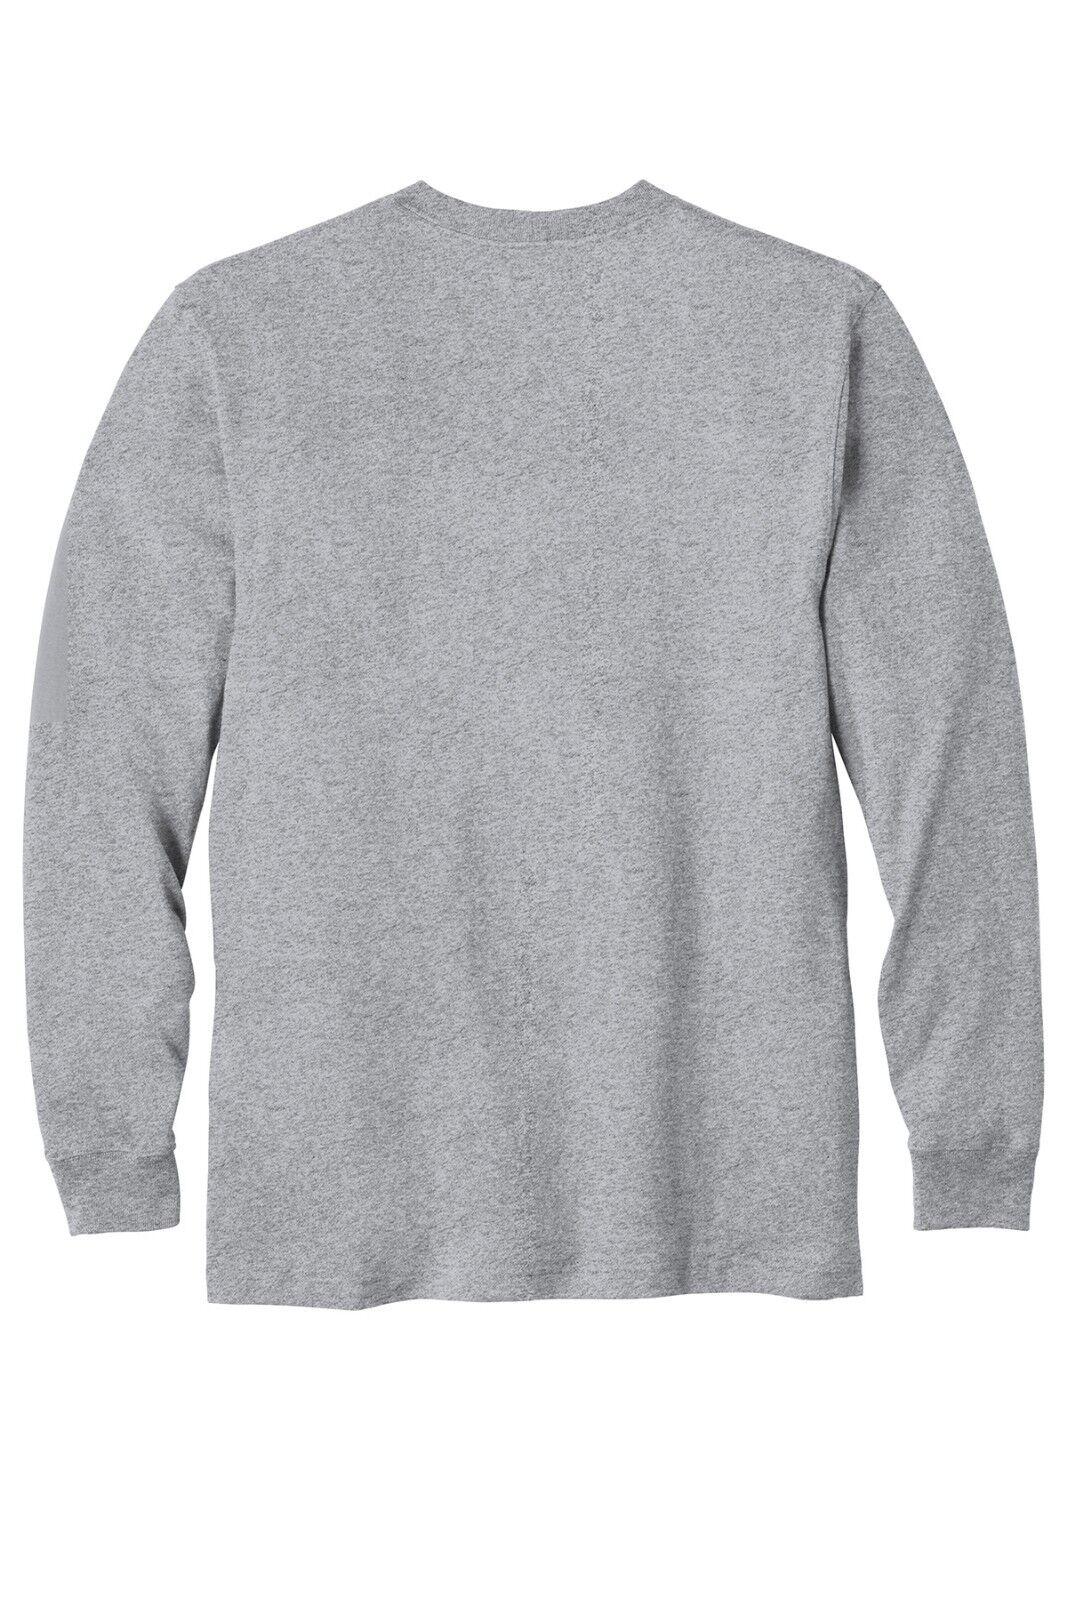 Carhartt - Coton, Homme VêteHommes t Travail Poche T-Shirt, Coton, - Régulier, Grand, aa2597